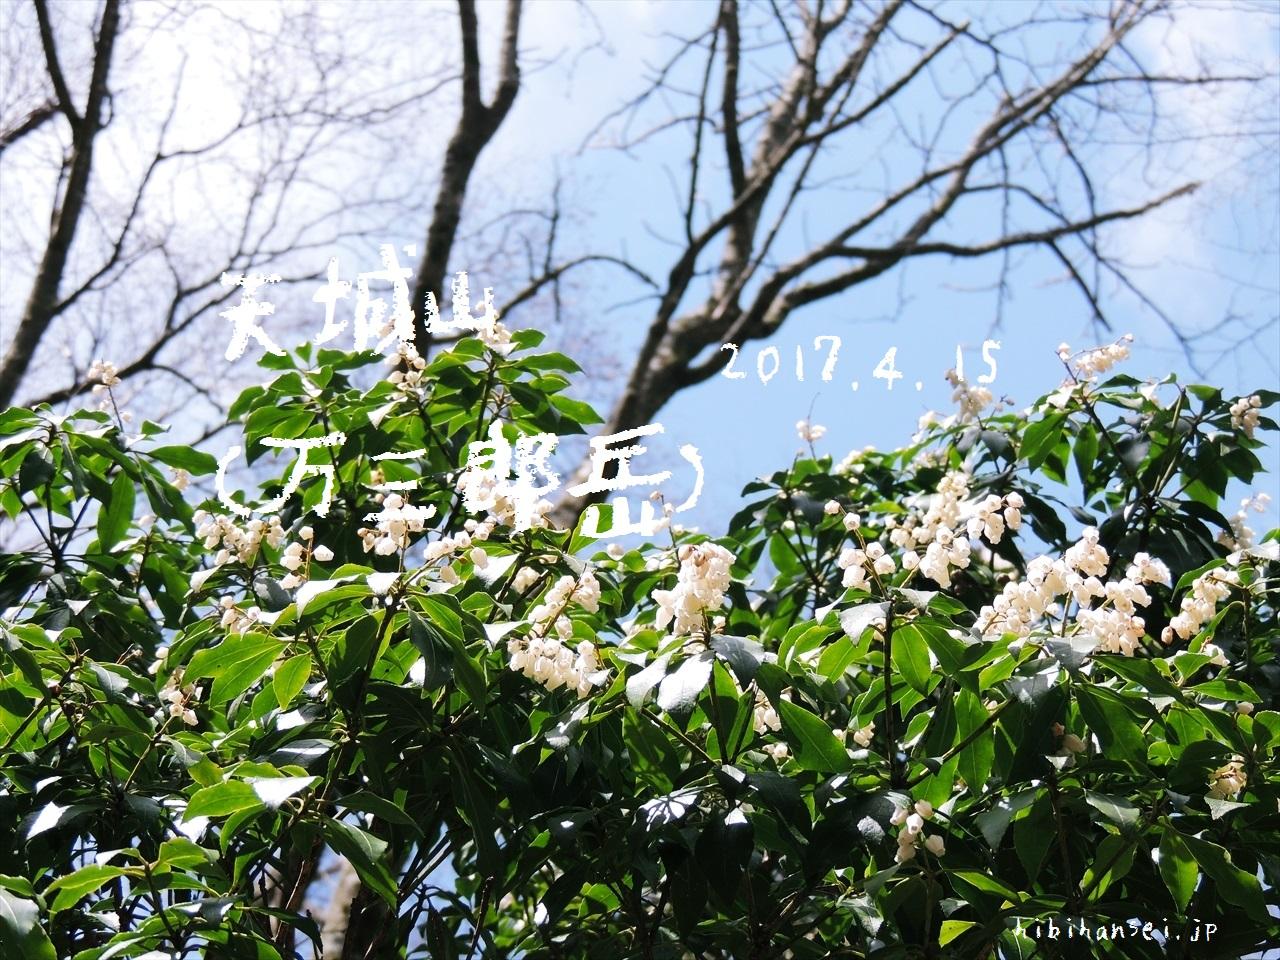 天城山(万二郎岳〜万三郎岳) 満開のアセビと桜くらくら燃える峰 日帰り登山(2017.4.15)